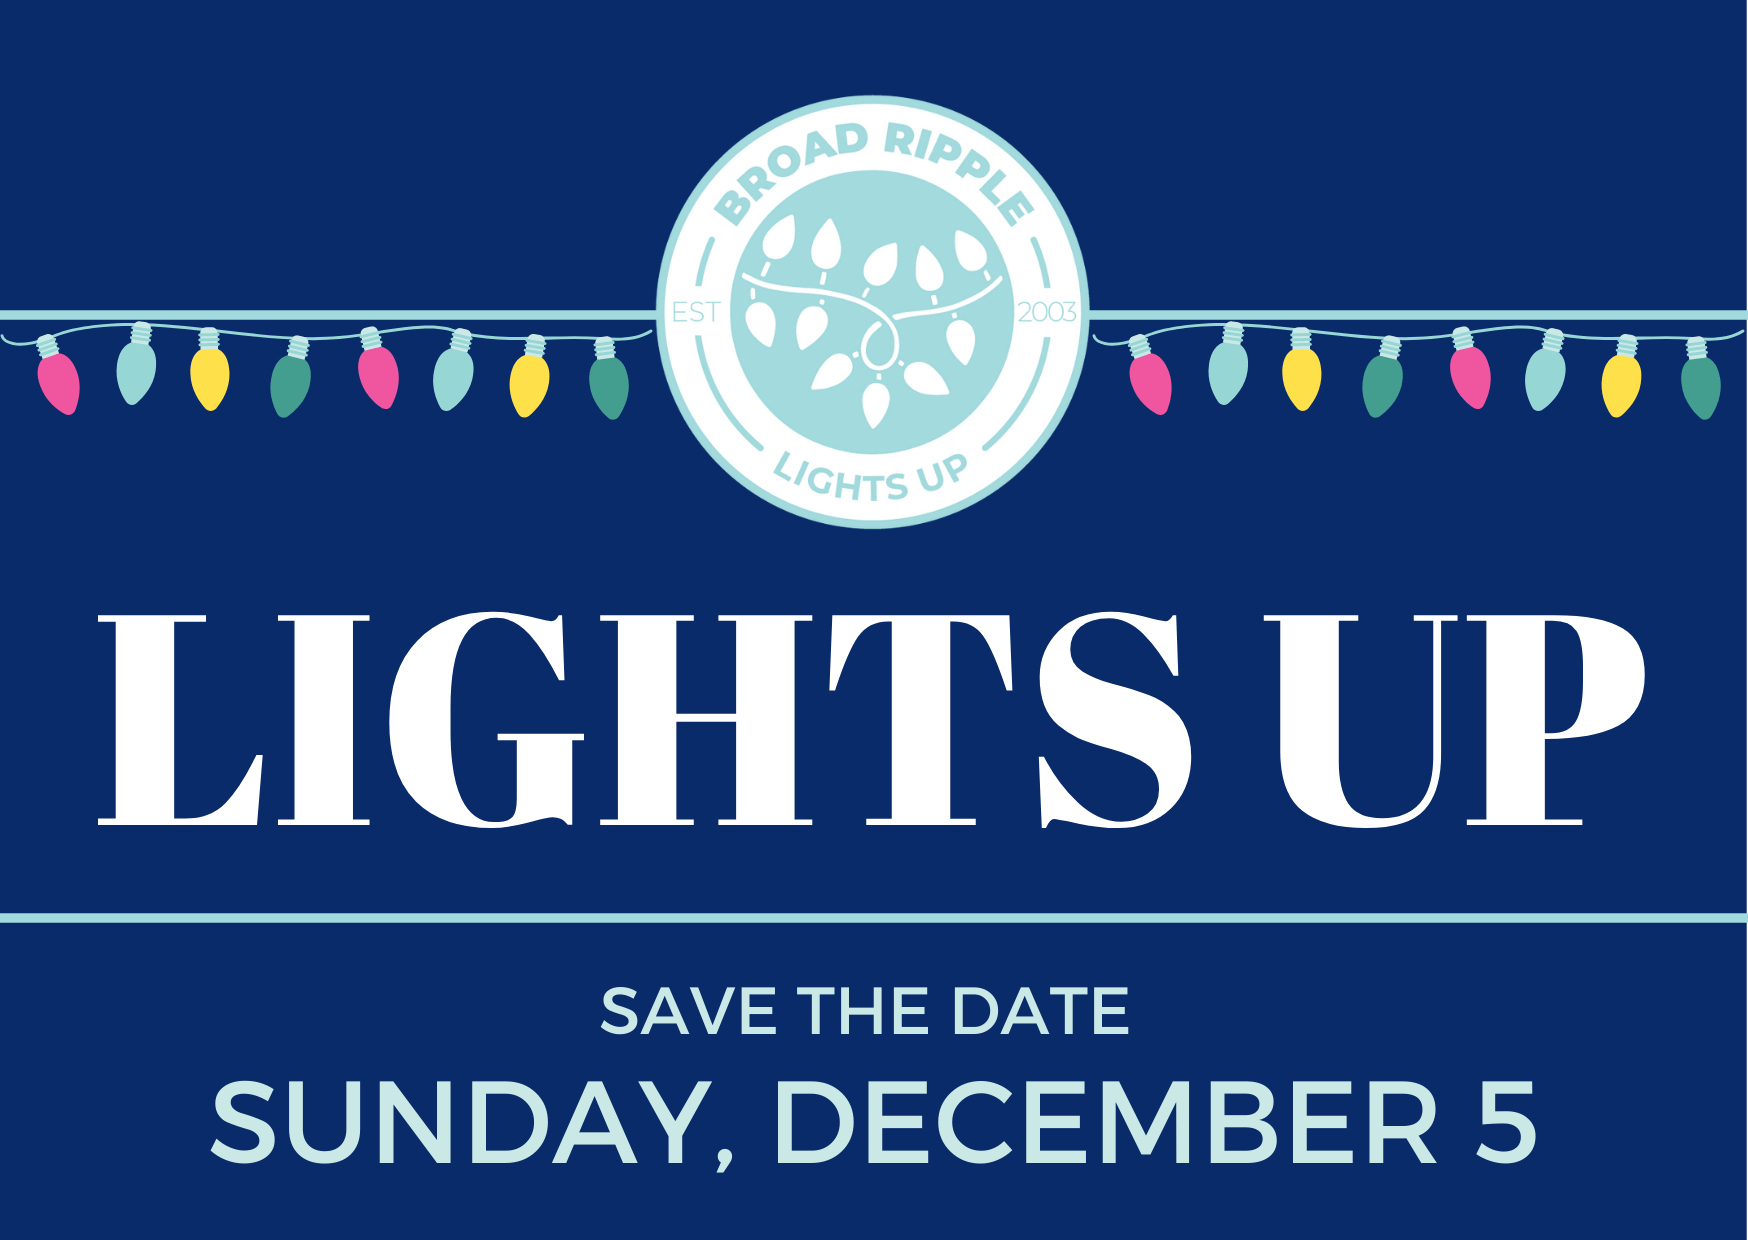 Broad Ripple Lights Up Returns December 5!